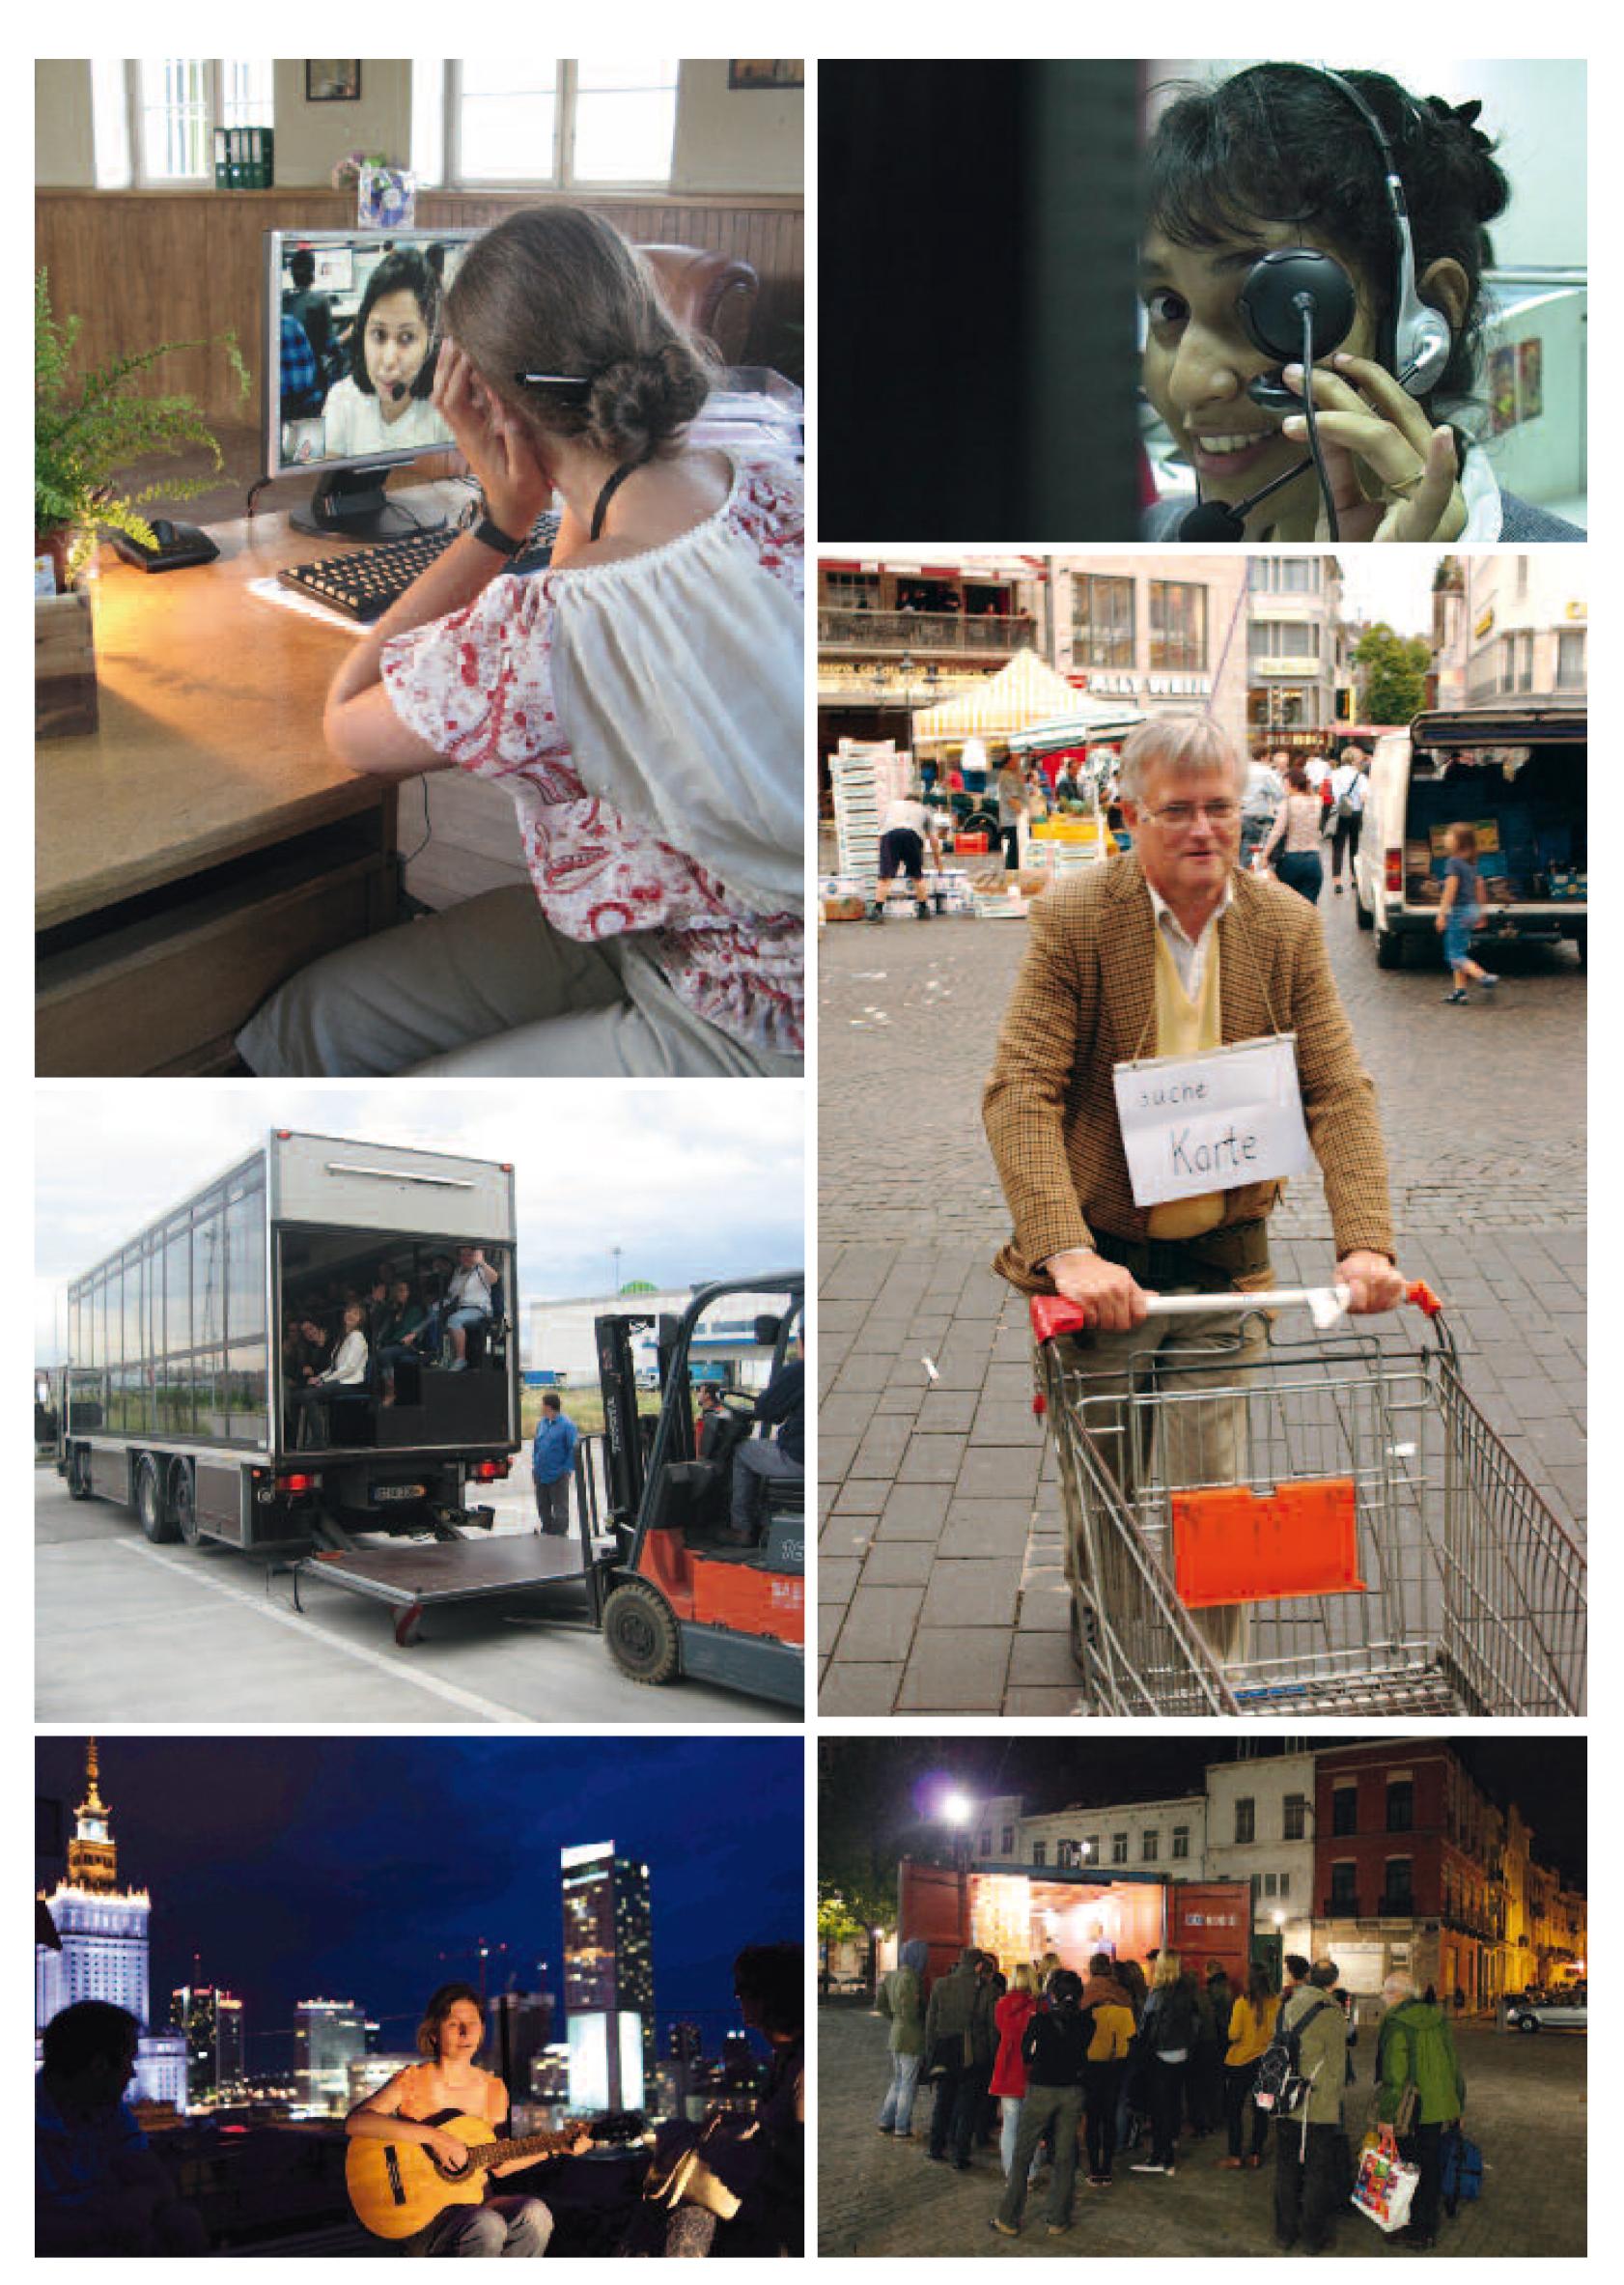 V.l.n.r: Call Cutta in a Box (Wroclaw 2009); die kleinste Bühne (-> Call Cutta 3); -> Cargo Sofia (Paris); -> AMAProbe zu -> Markt der Märkte; Ausblick-Theater mit Blinden (Warschau 2011 -> Ciudades Paralelas); Bühnenbildcontainer als Bühne (Brüssel 2012 -> Lagos Business Angels)